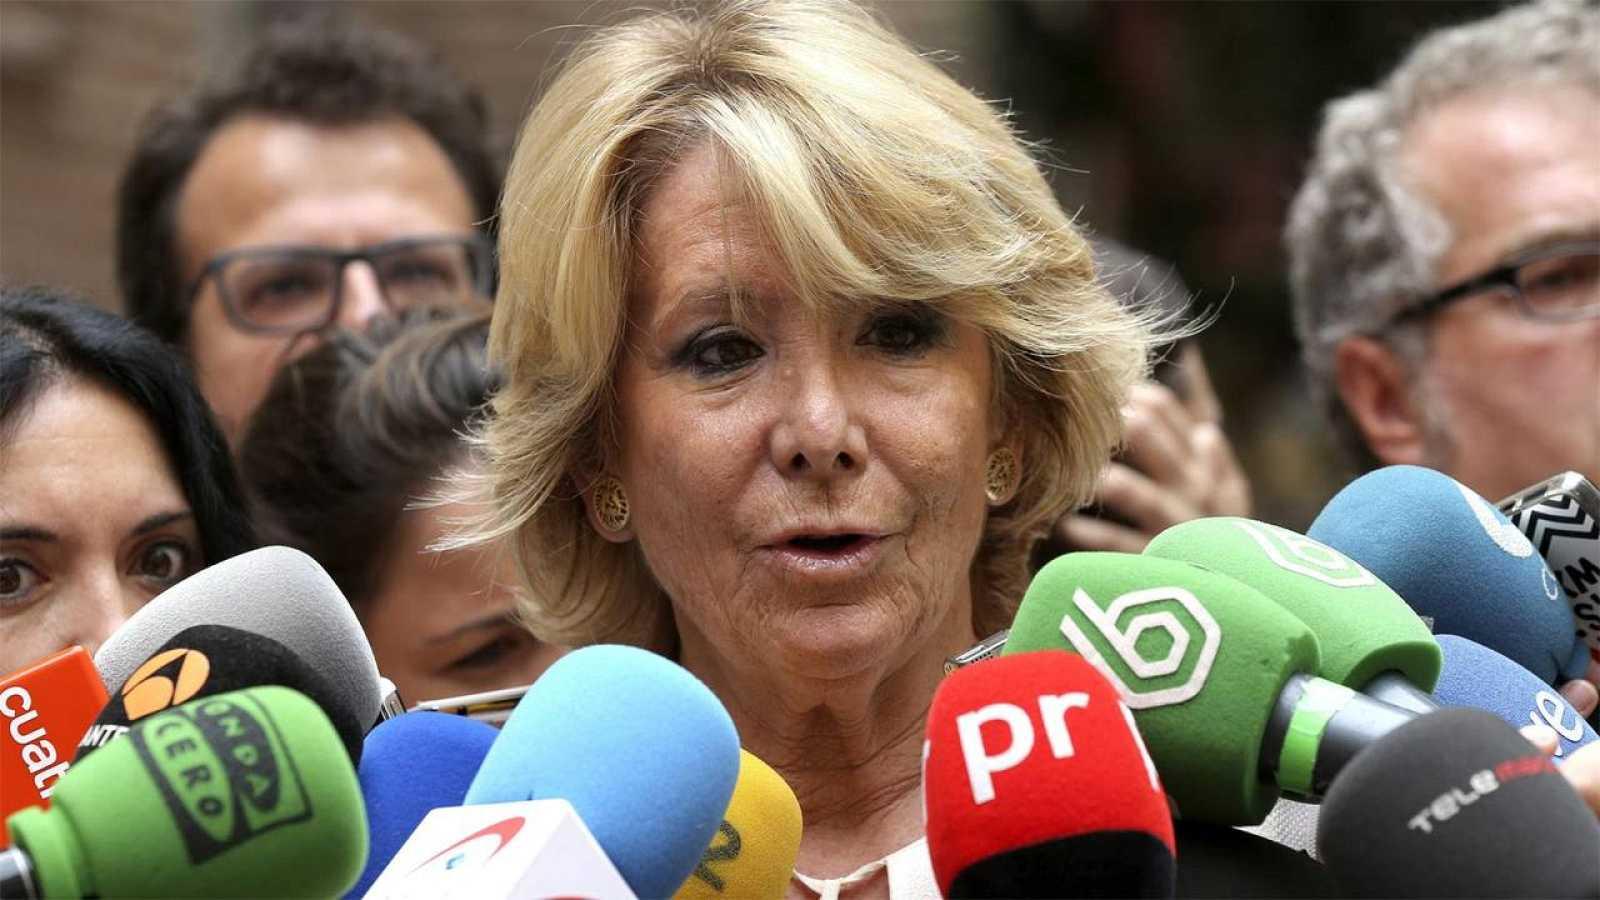 La portavoz del Grupo Popular en el Ayuntamiento de Madrid, Esperanza Aguirre